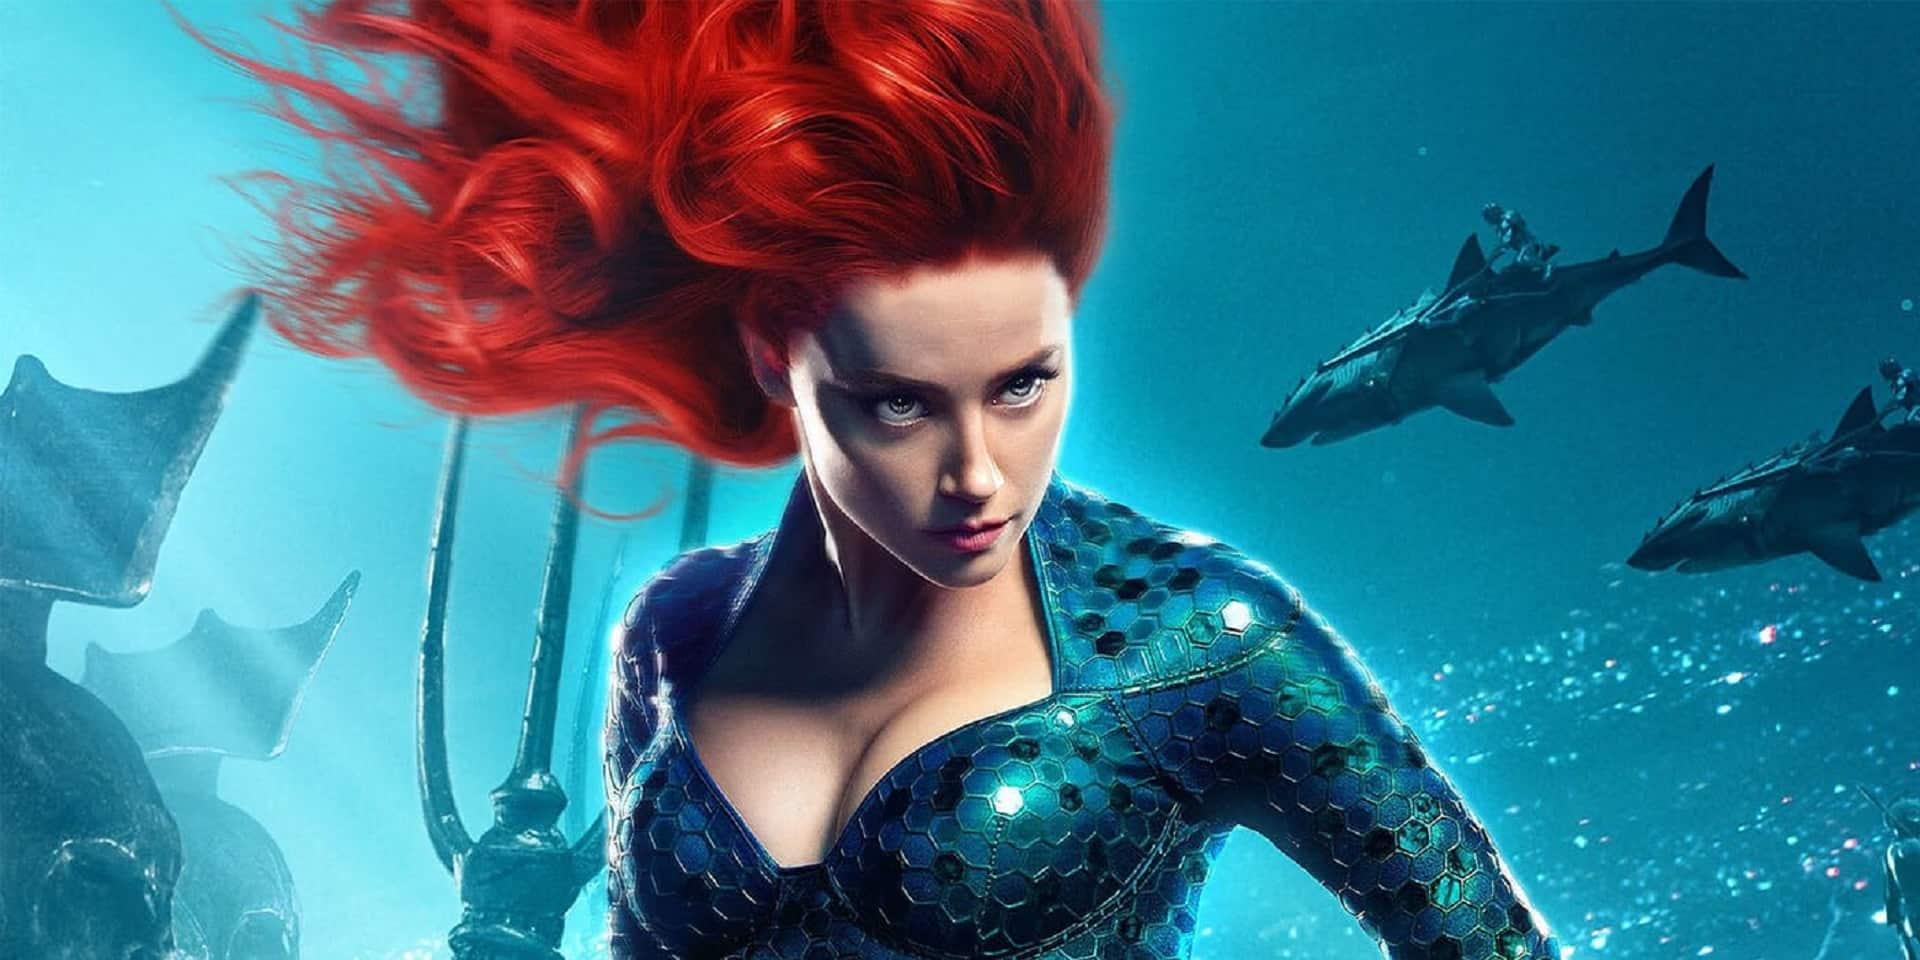 Amber-Heard-Mera, Aquaman 2